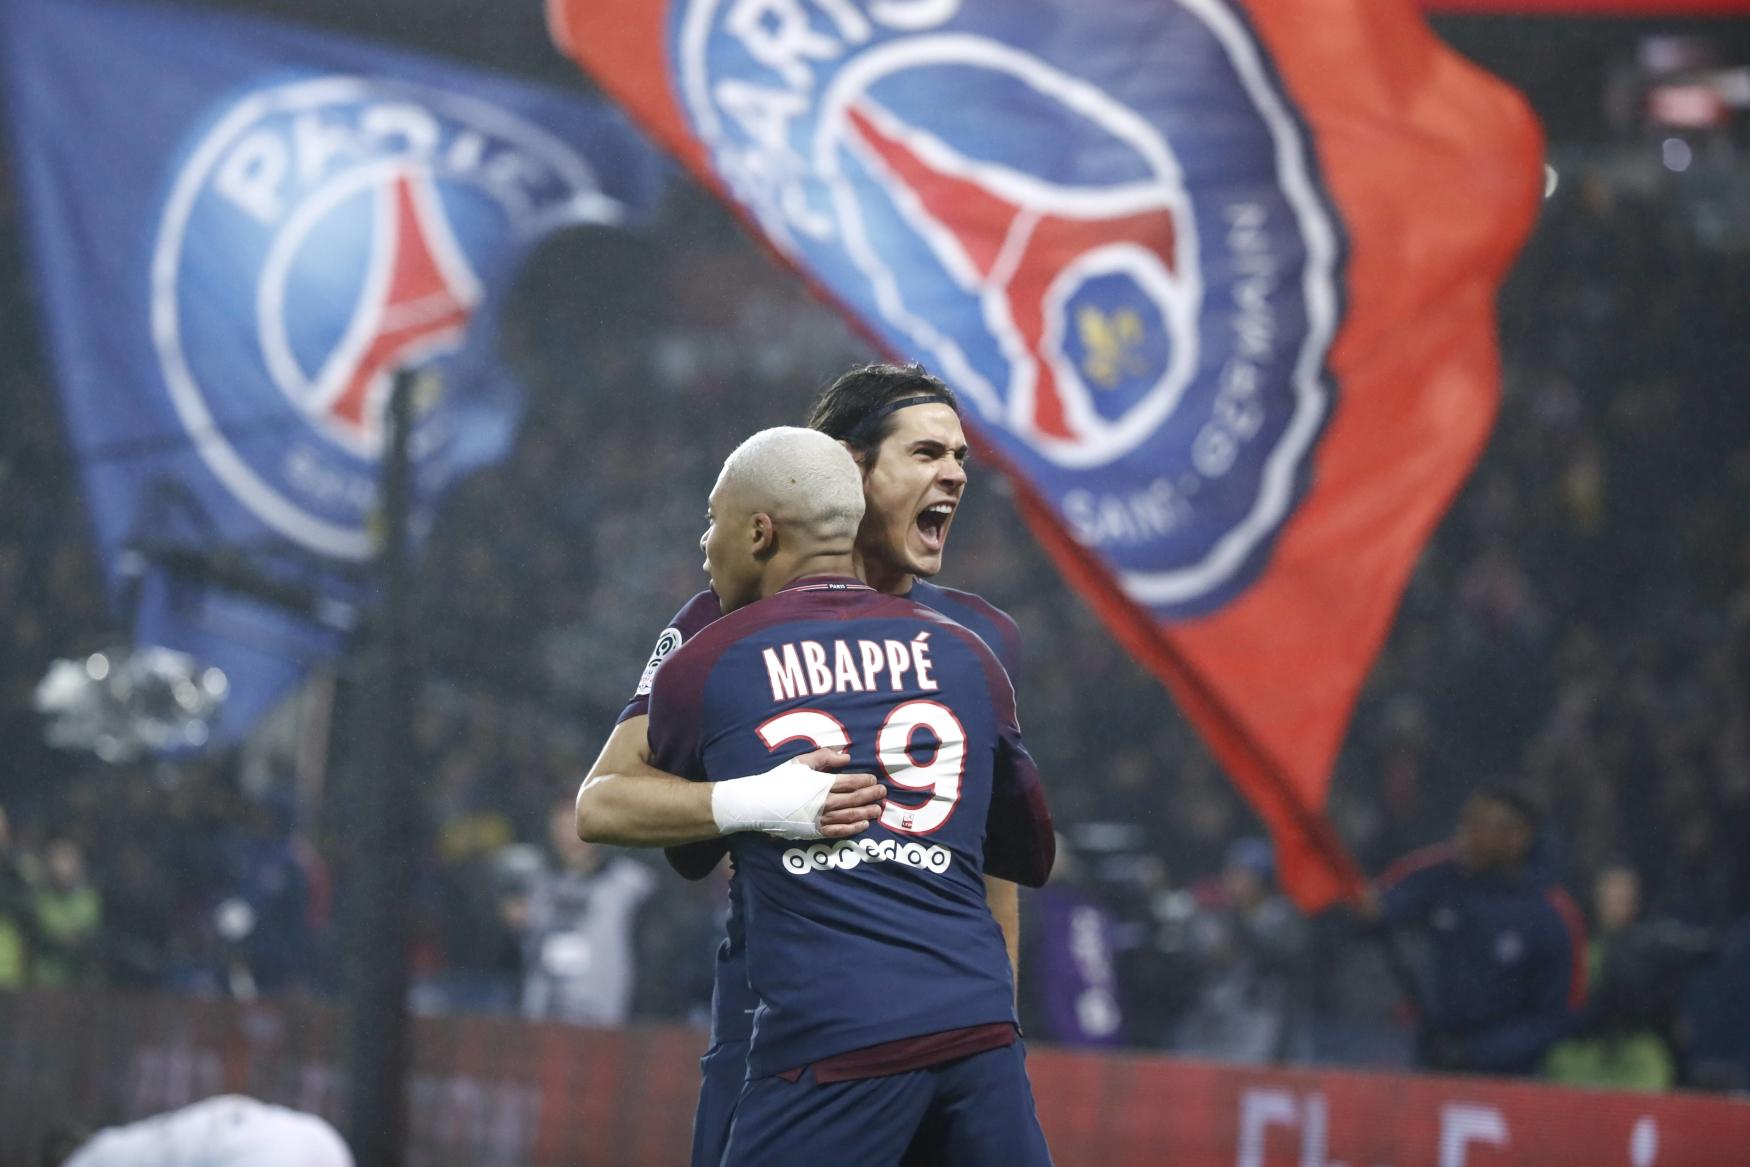 PREVIEW - 8. kolo francouzské Ligue 1